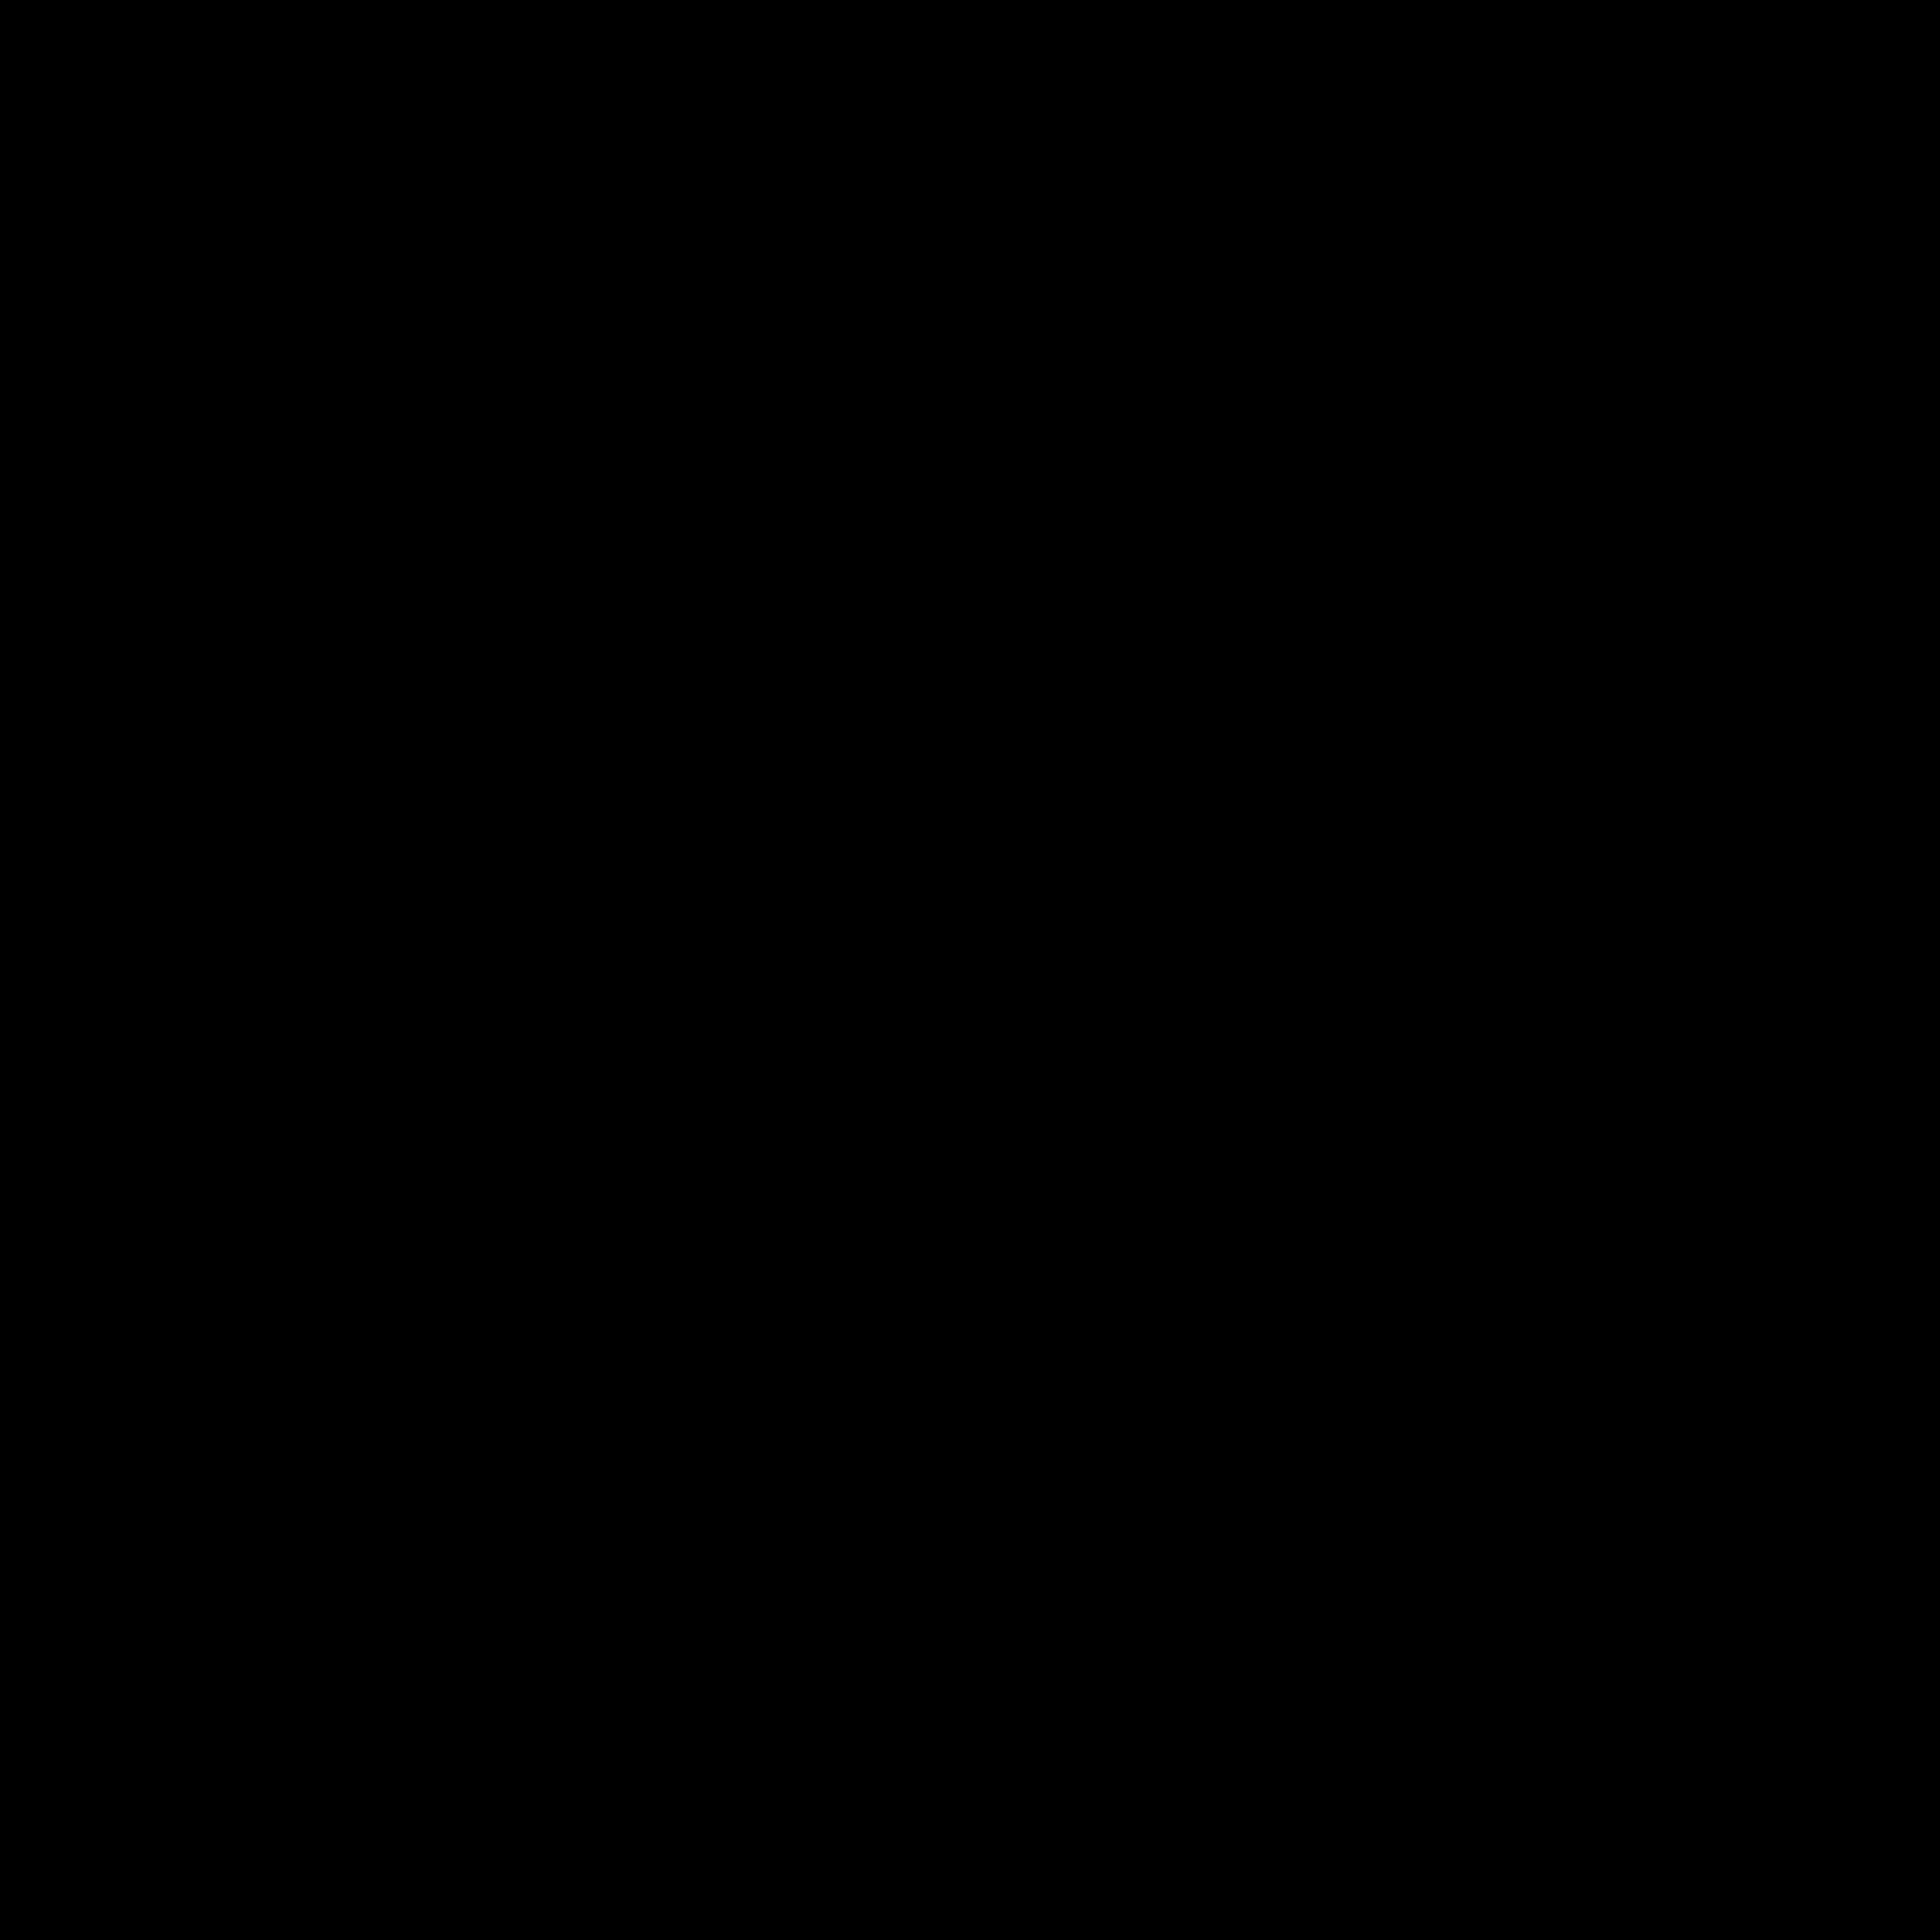 Restaurant Uhrturm